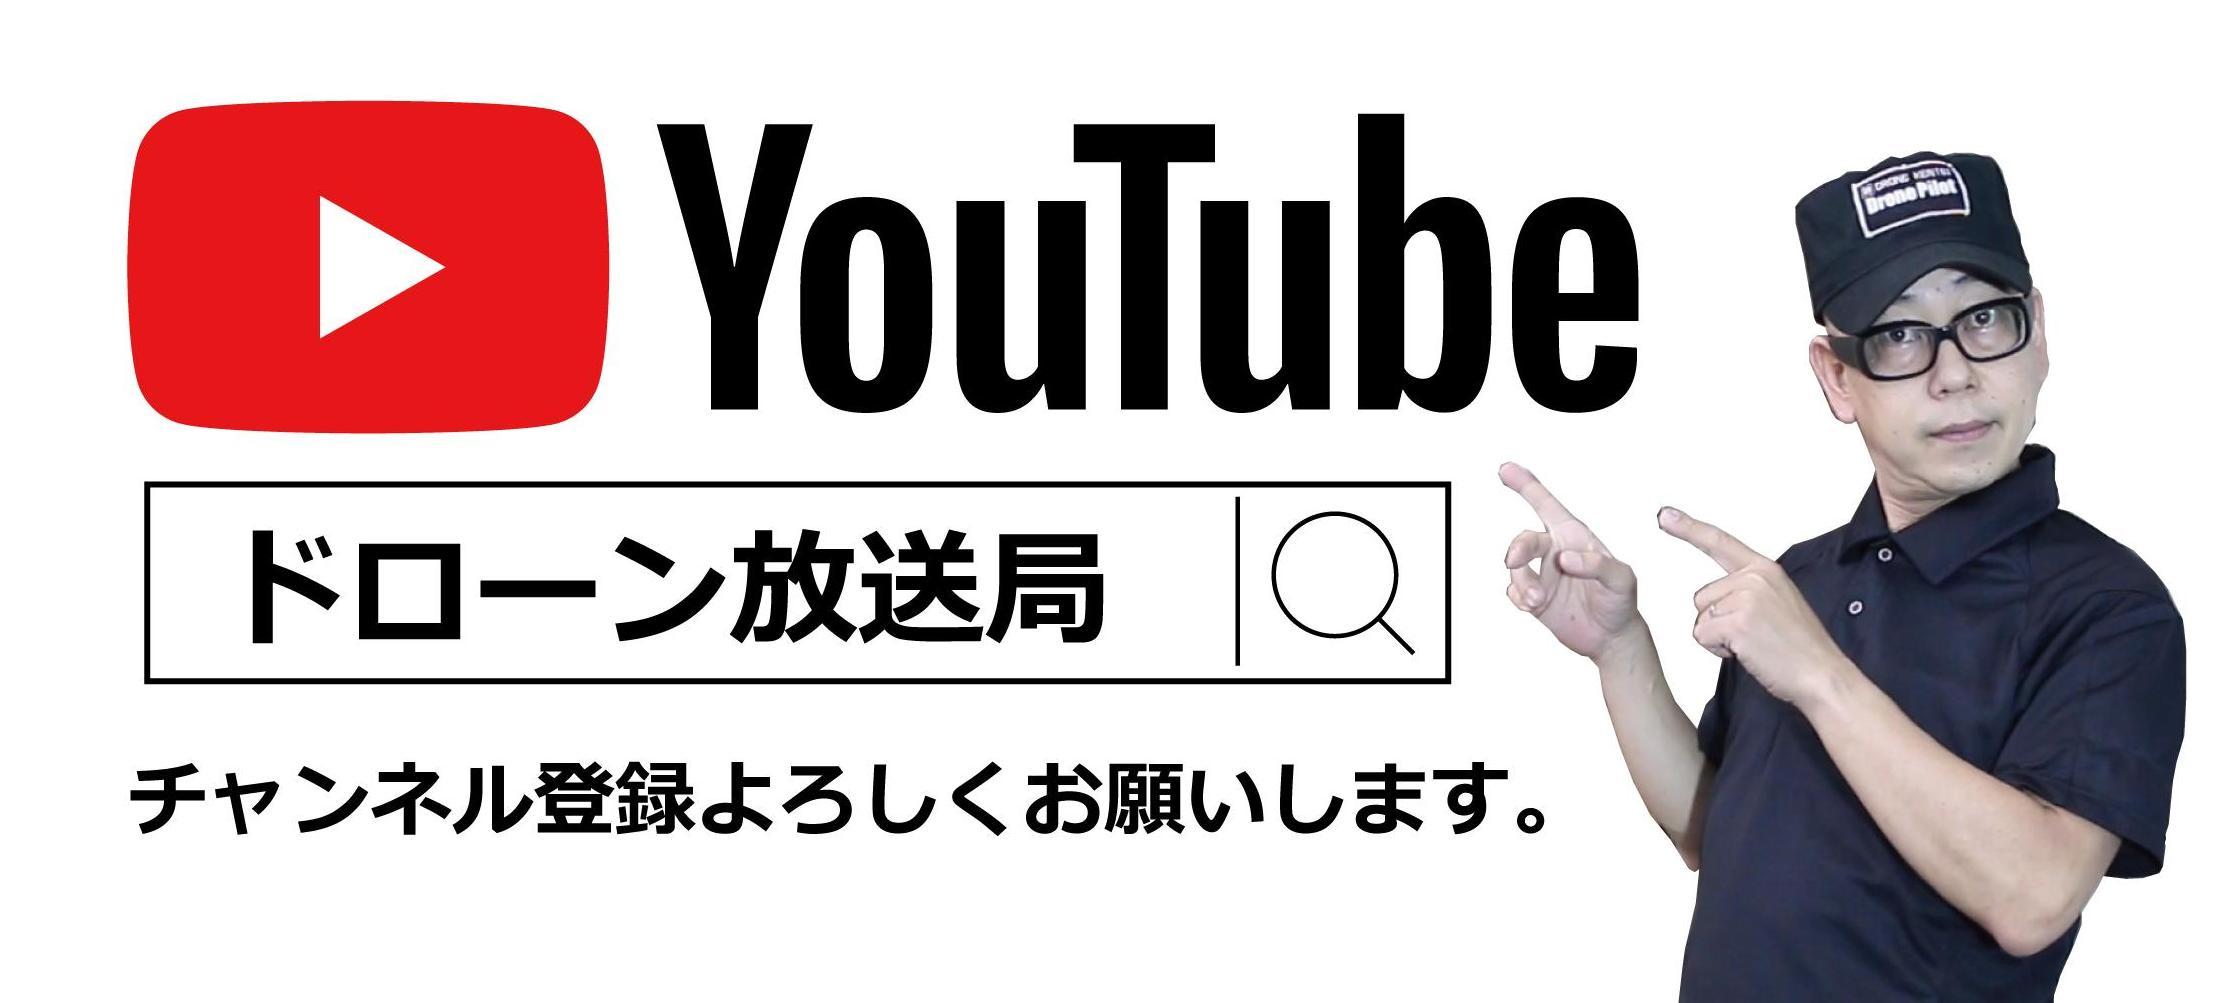 ドローン教習所ドローン航空学校大阪校メイン画像